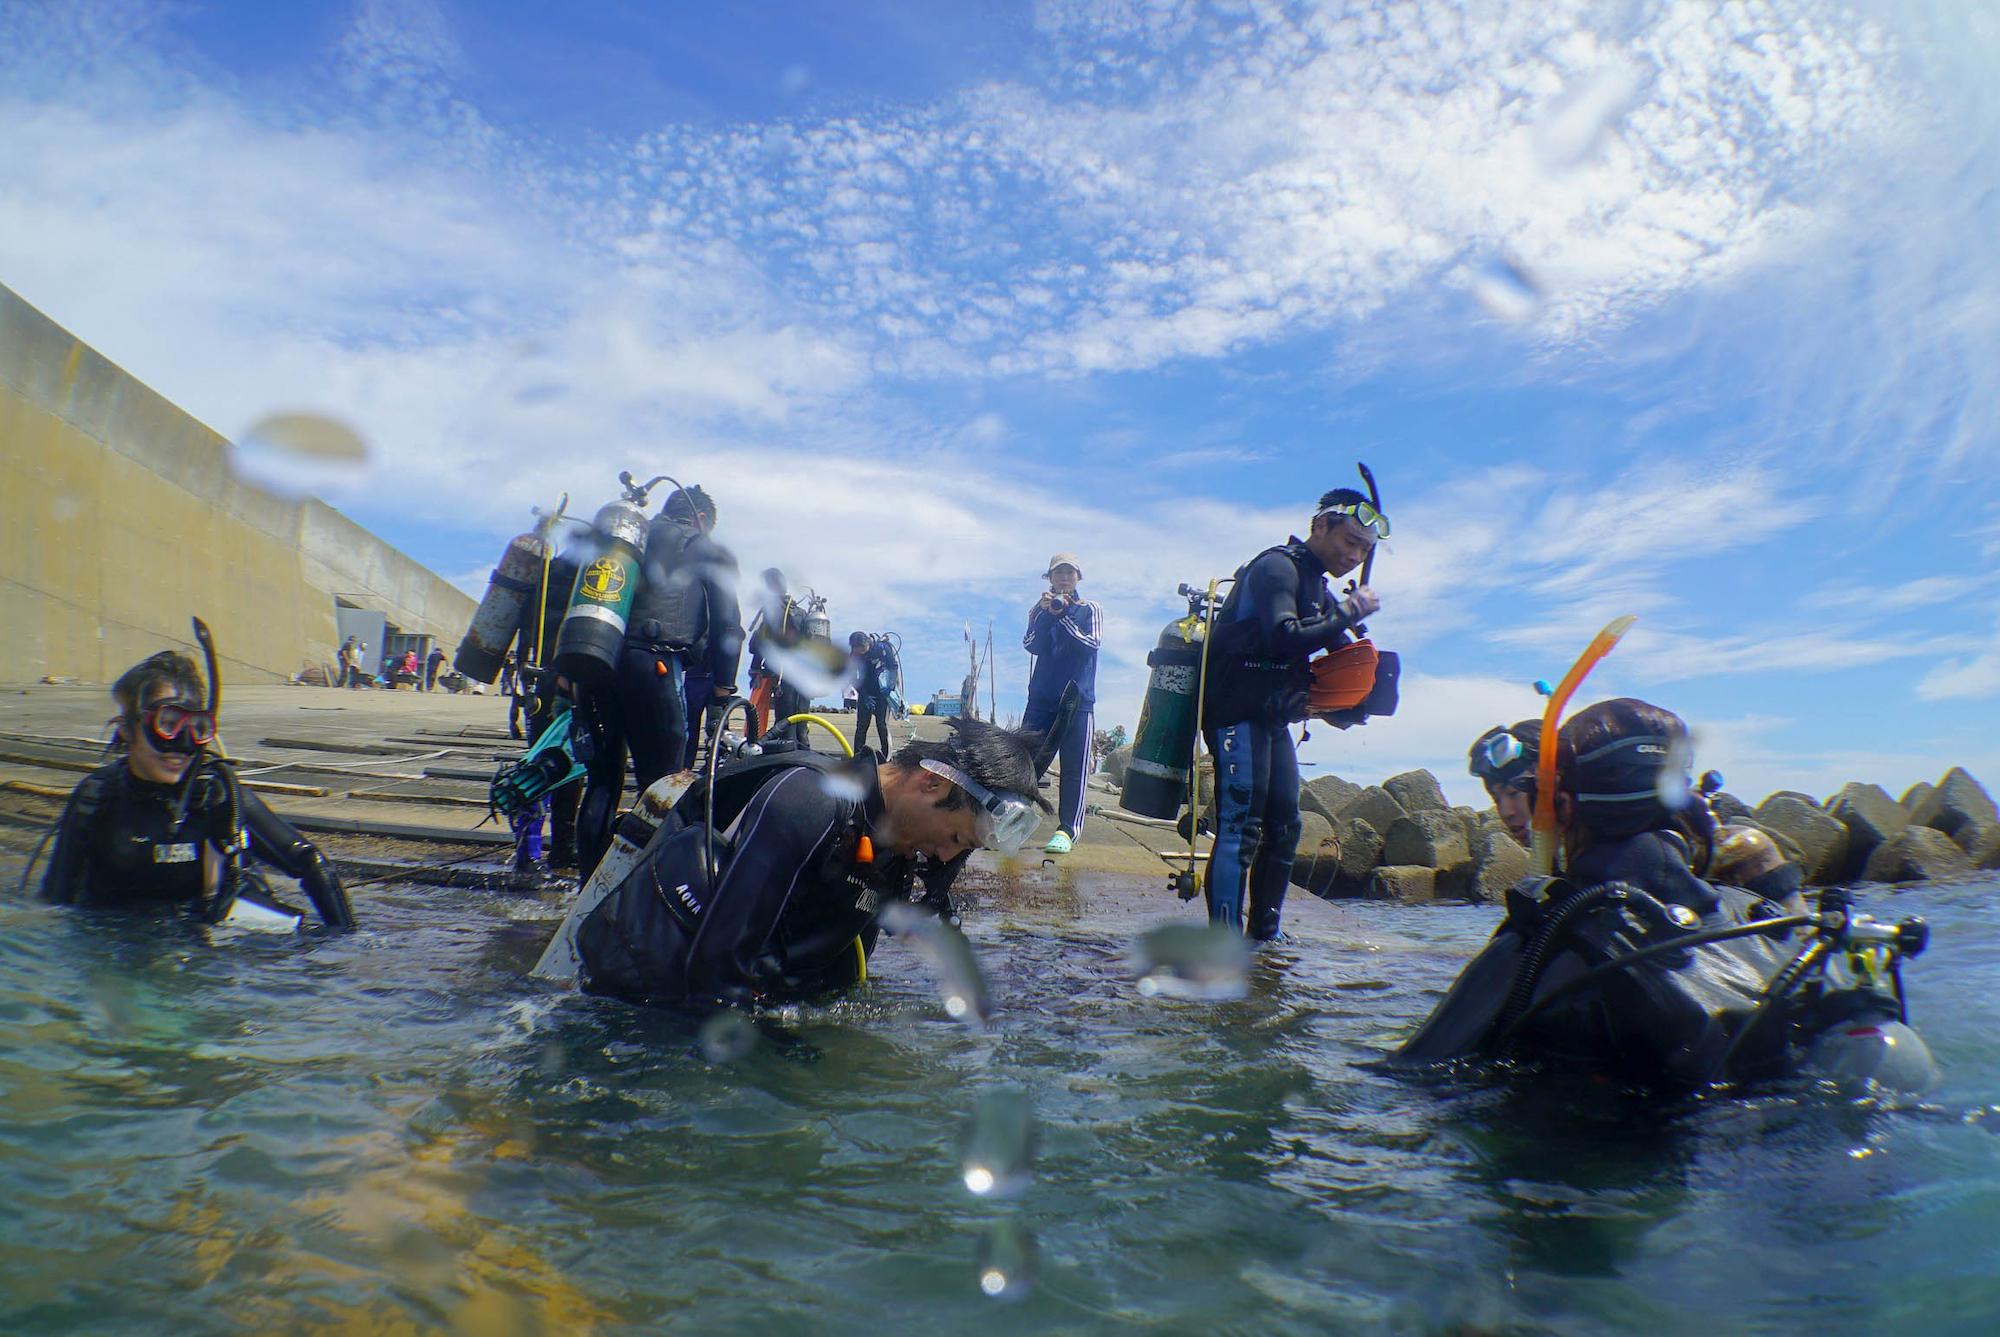 青空の下、海を満喫している奥尻高校生